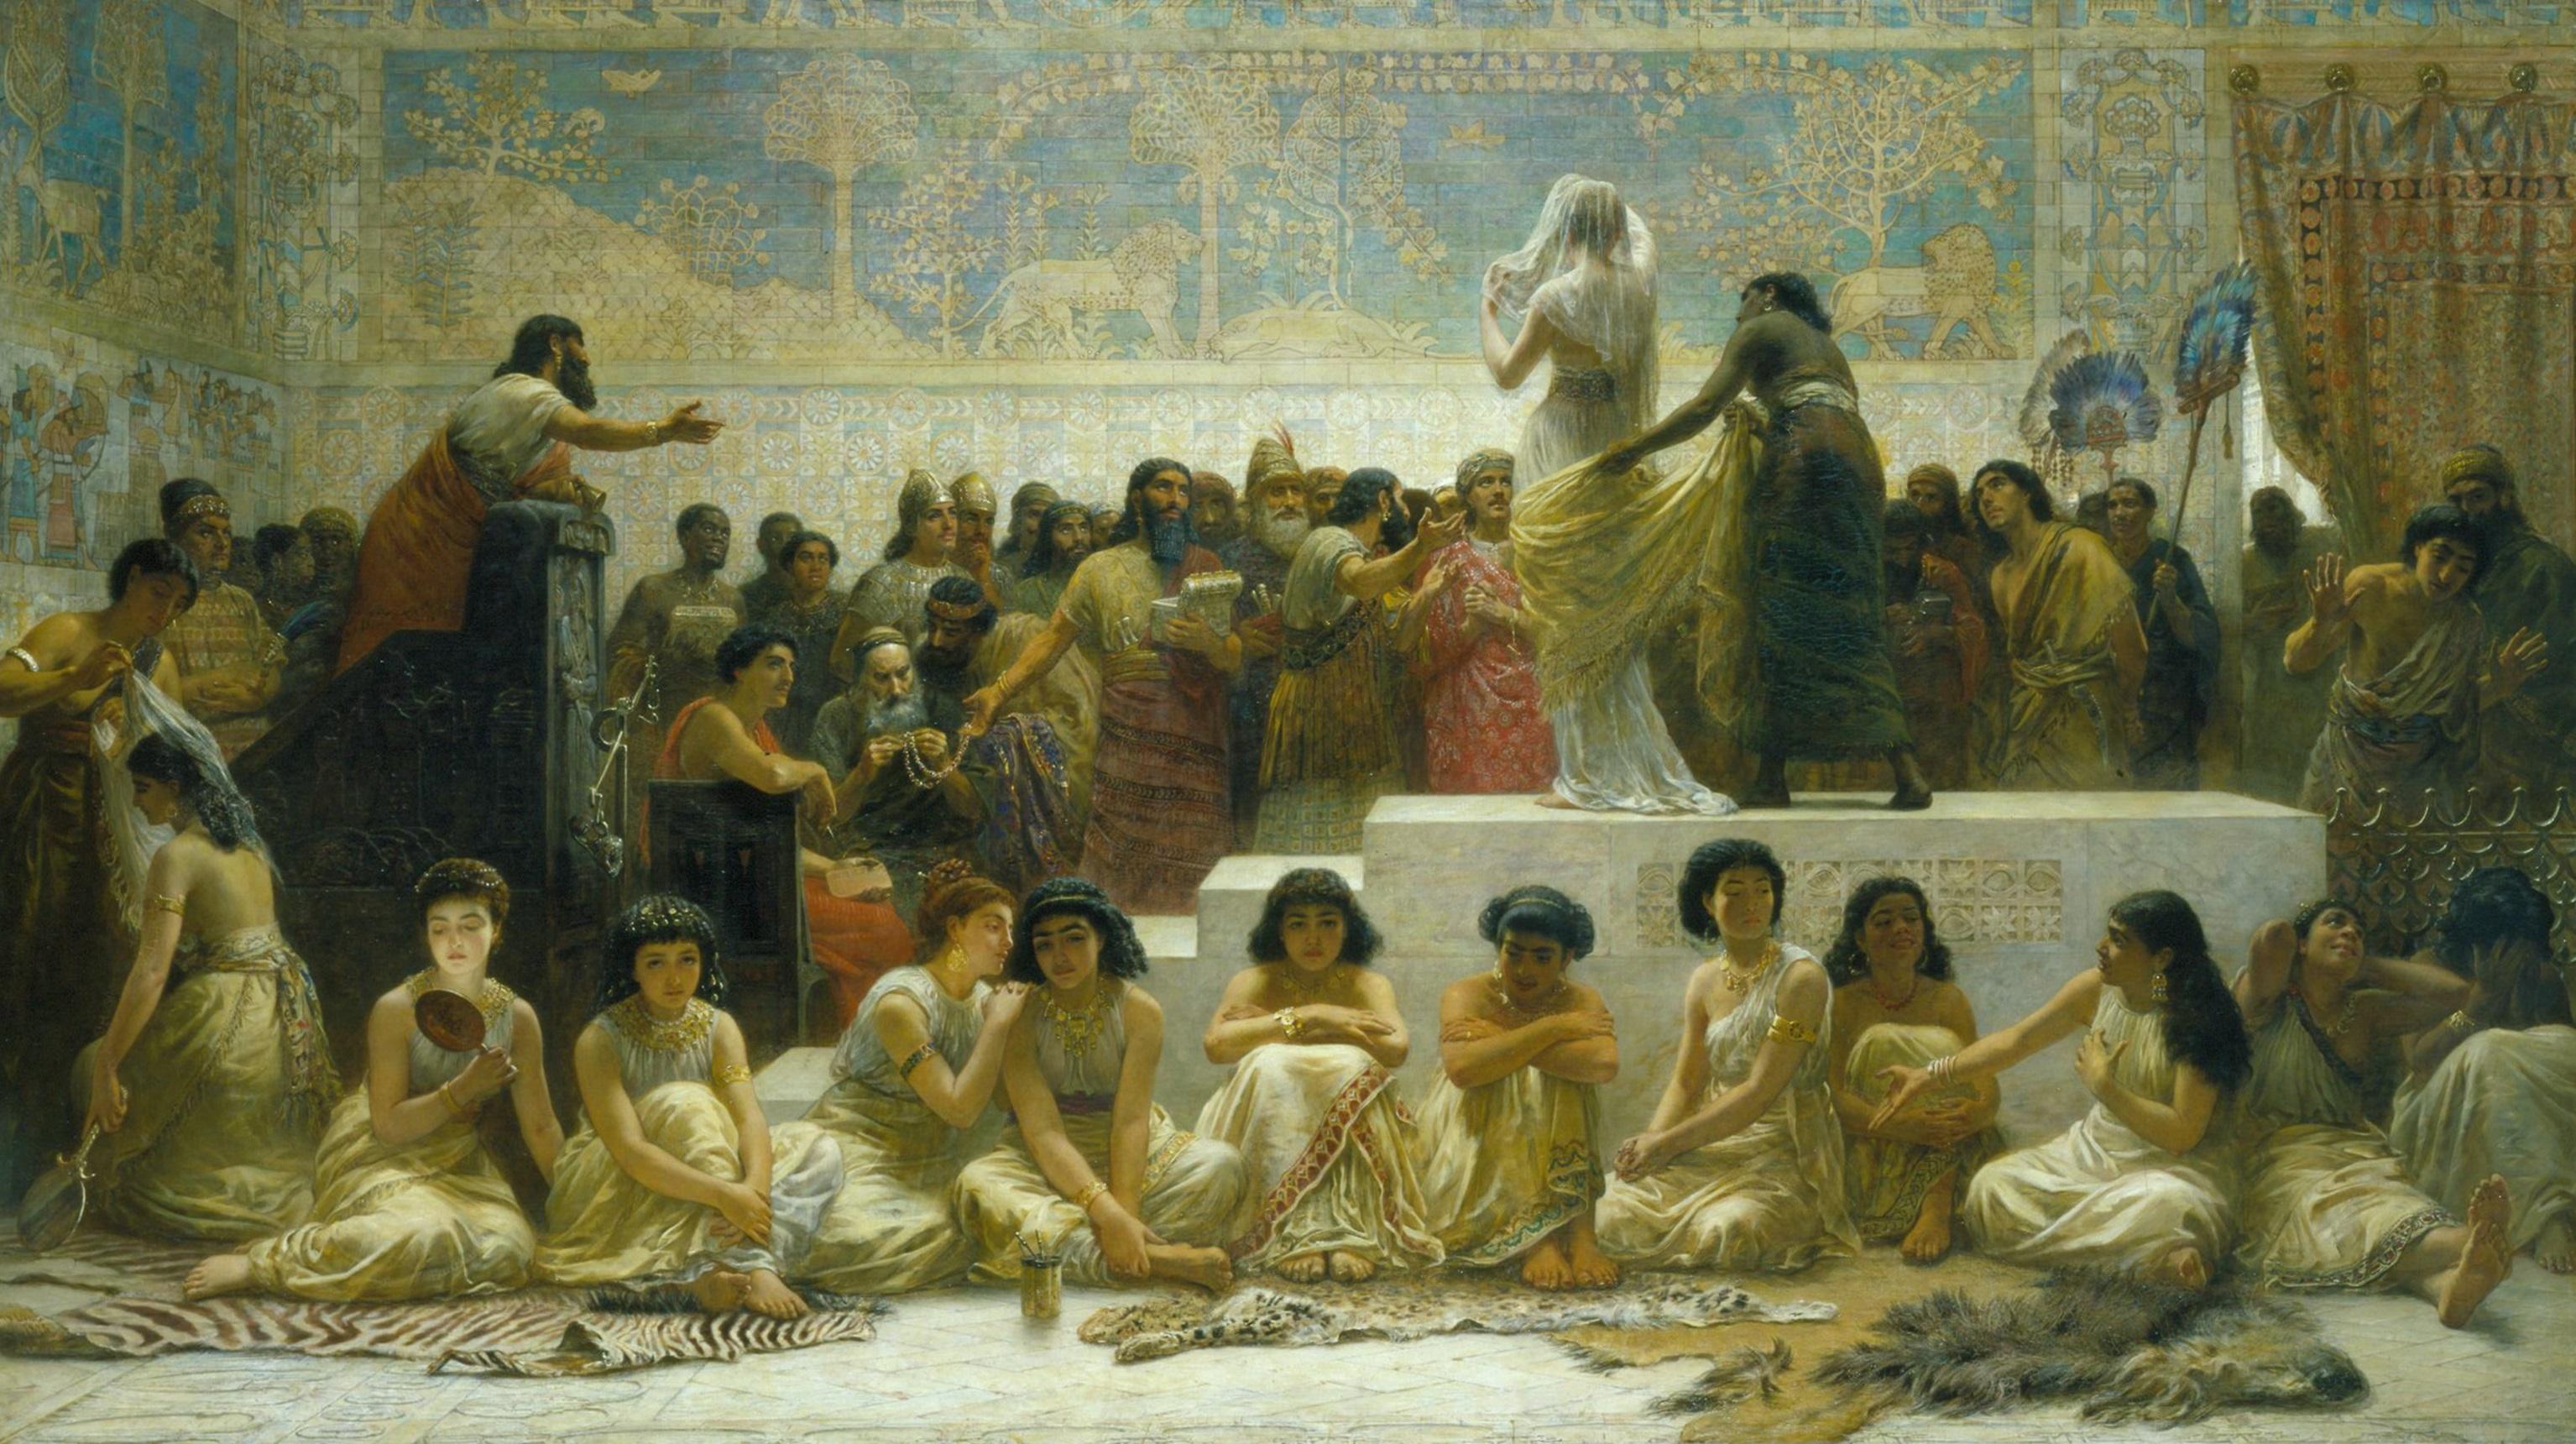 Jedino za ljubav nije bilo leka: Kako su se voleli u drevnoj Mesopotamiji?